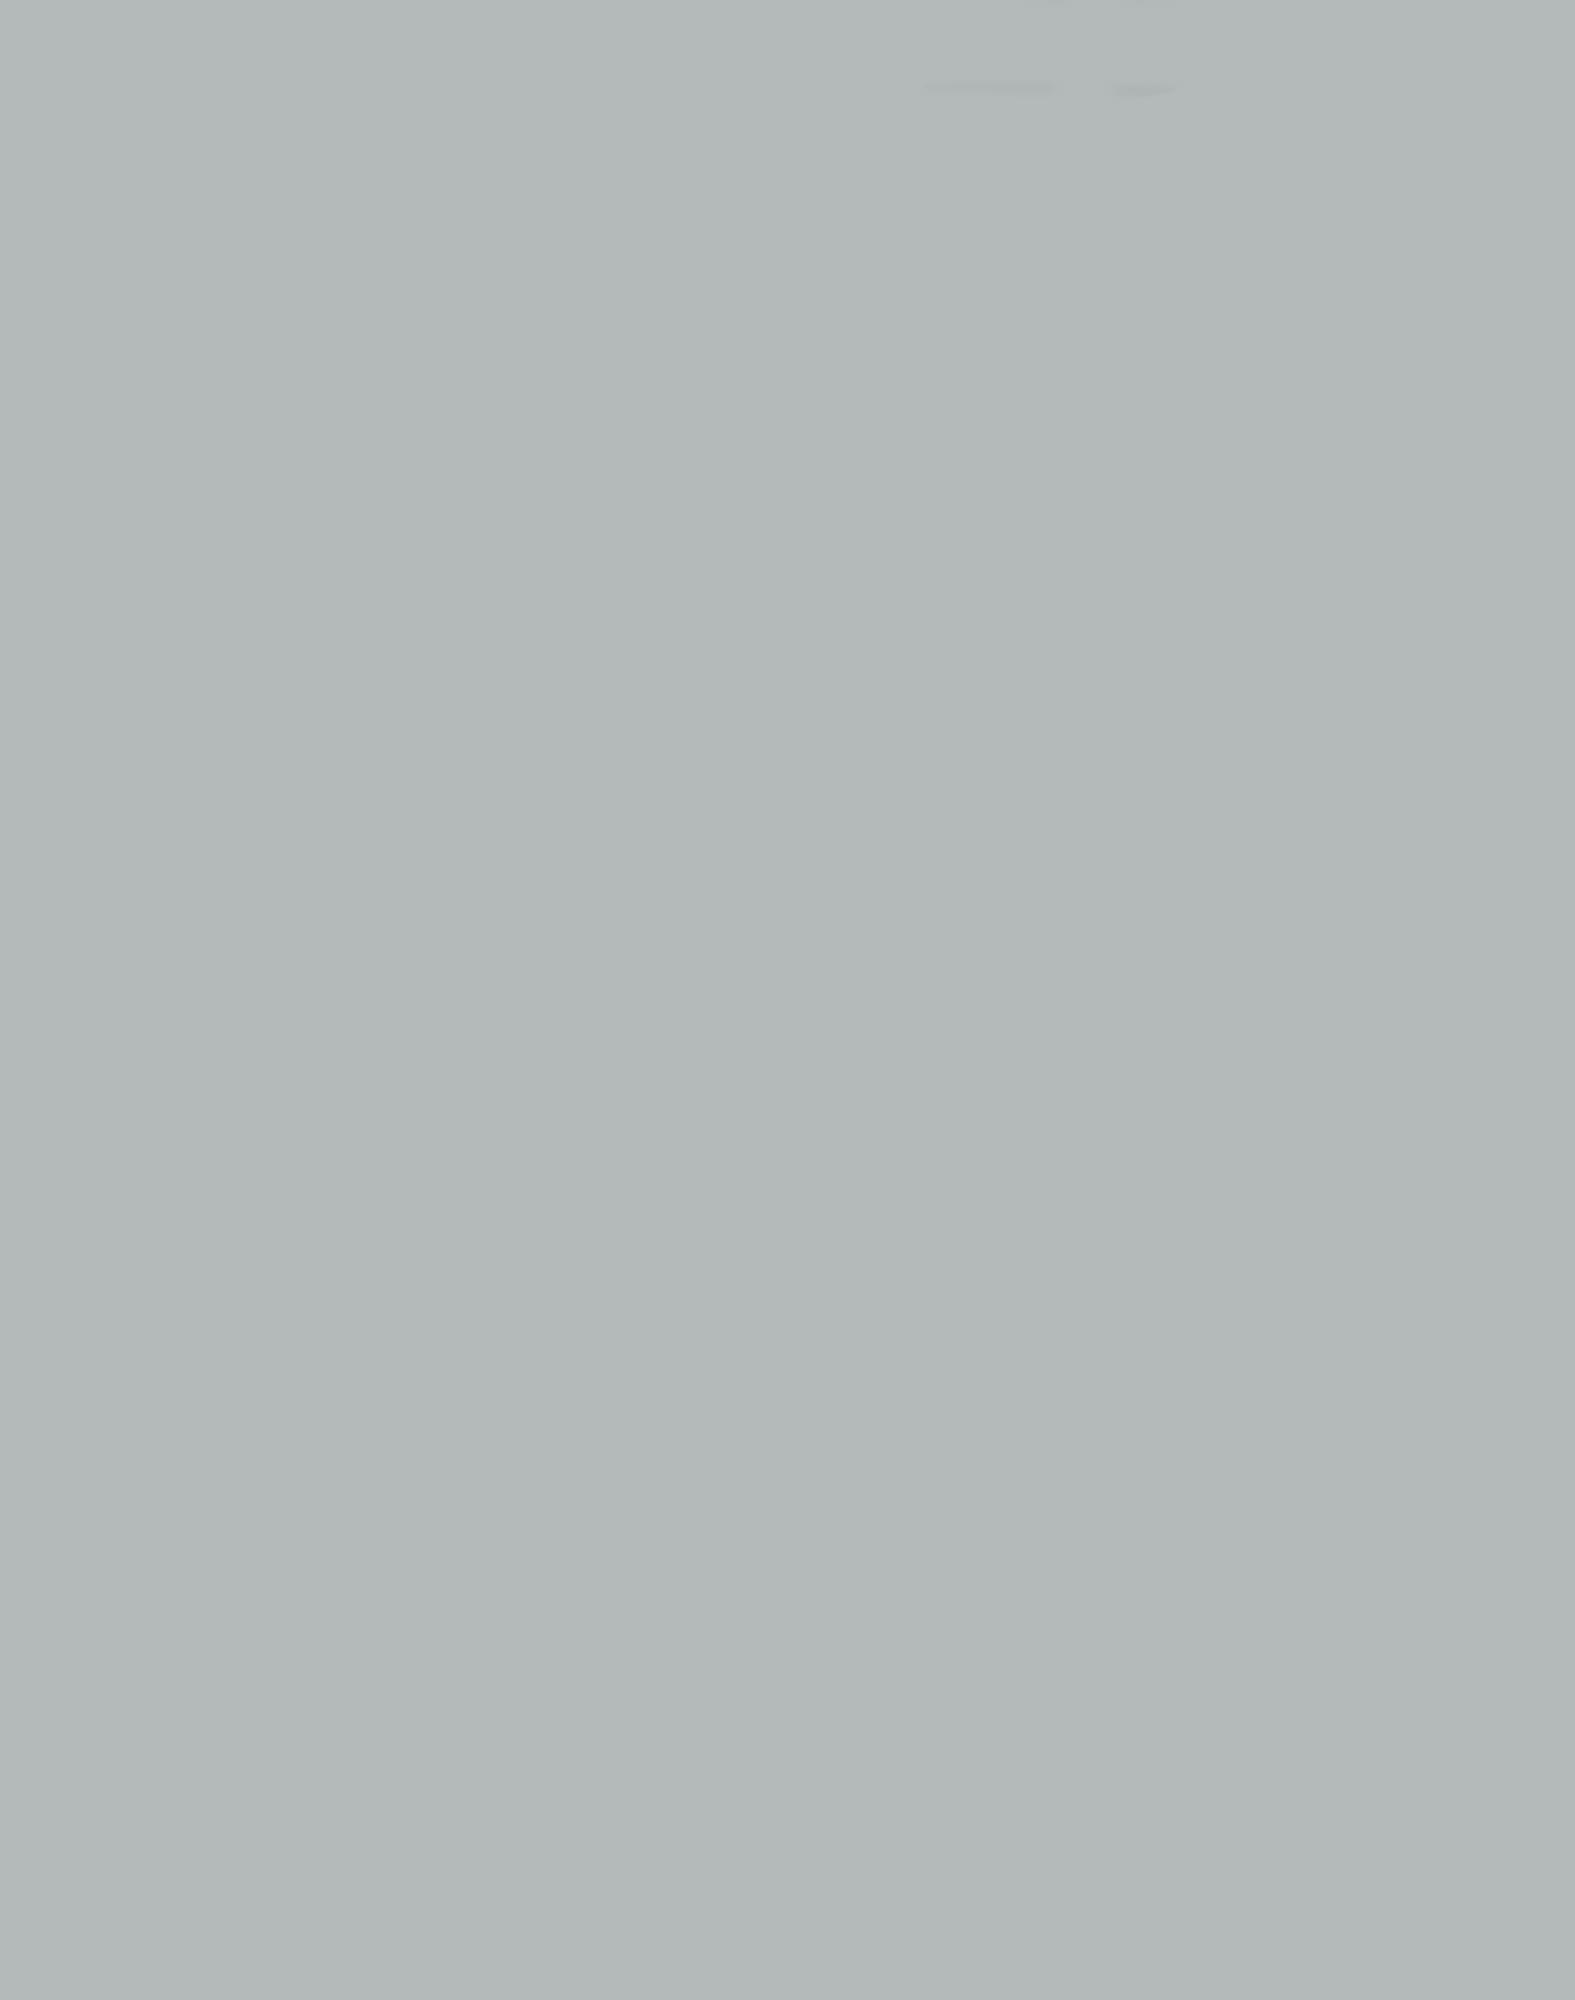 Manhattan Grey 180,186,186